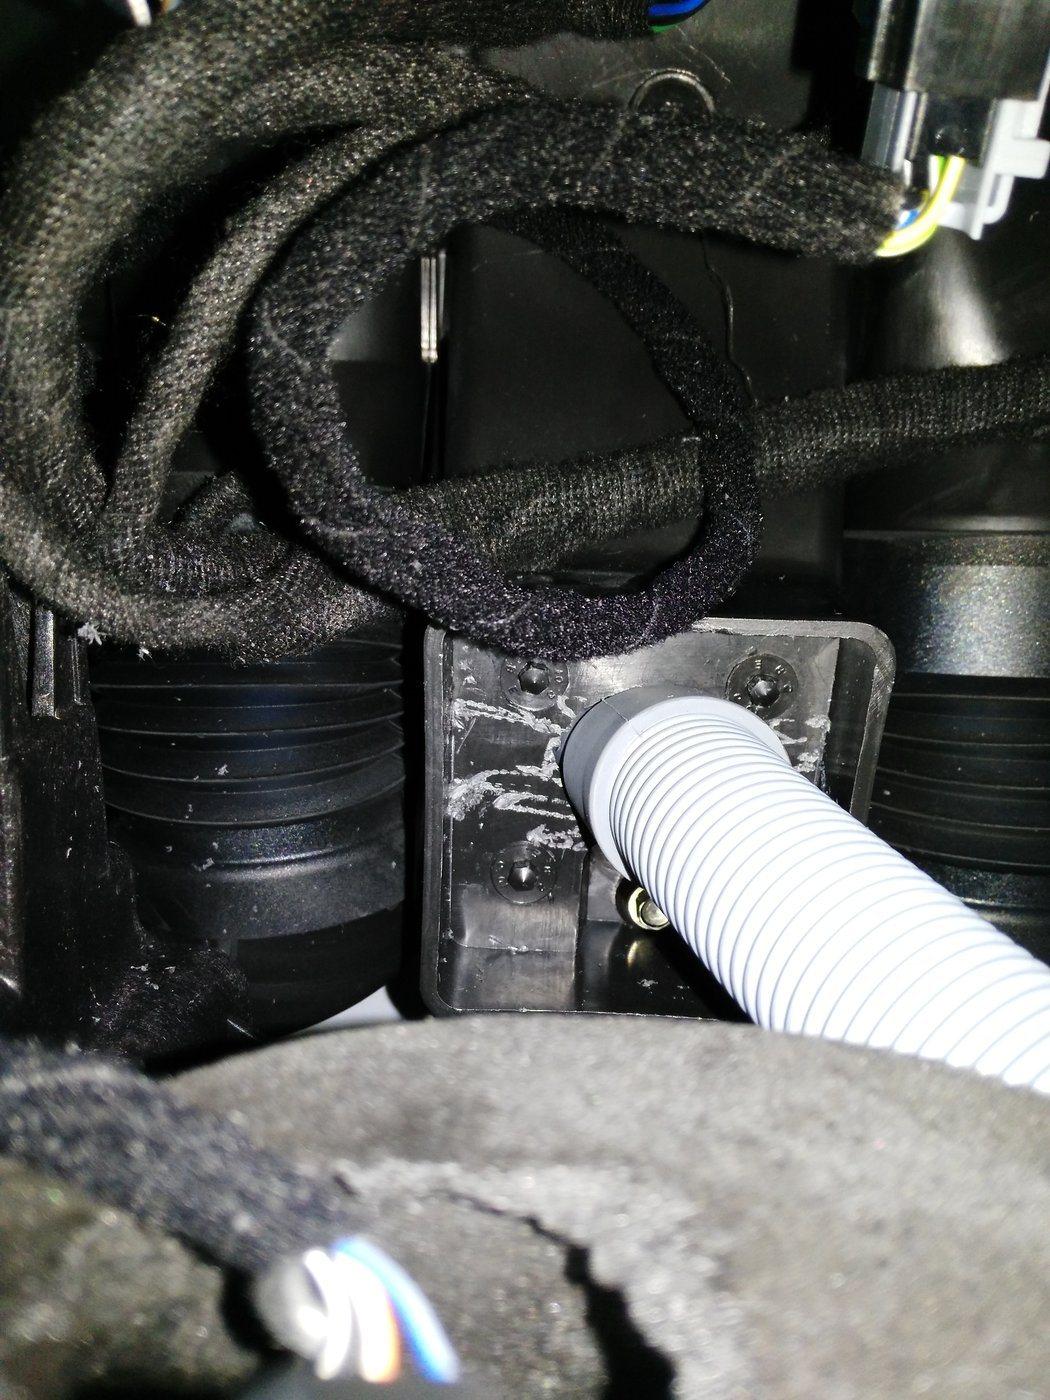 foto Giulietta Progression - Favorire passaggio aria sino ai sedili posteriori! - 2